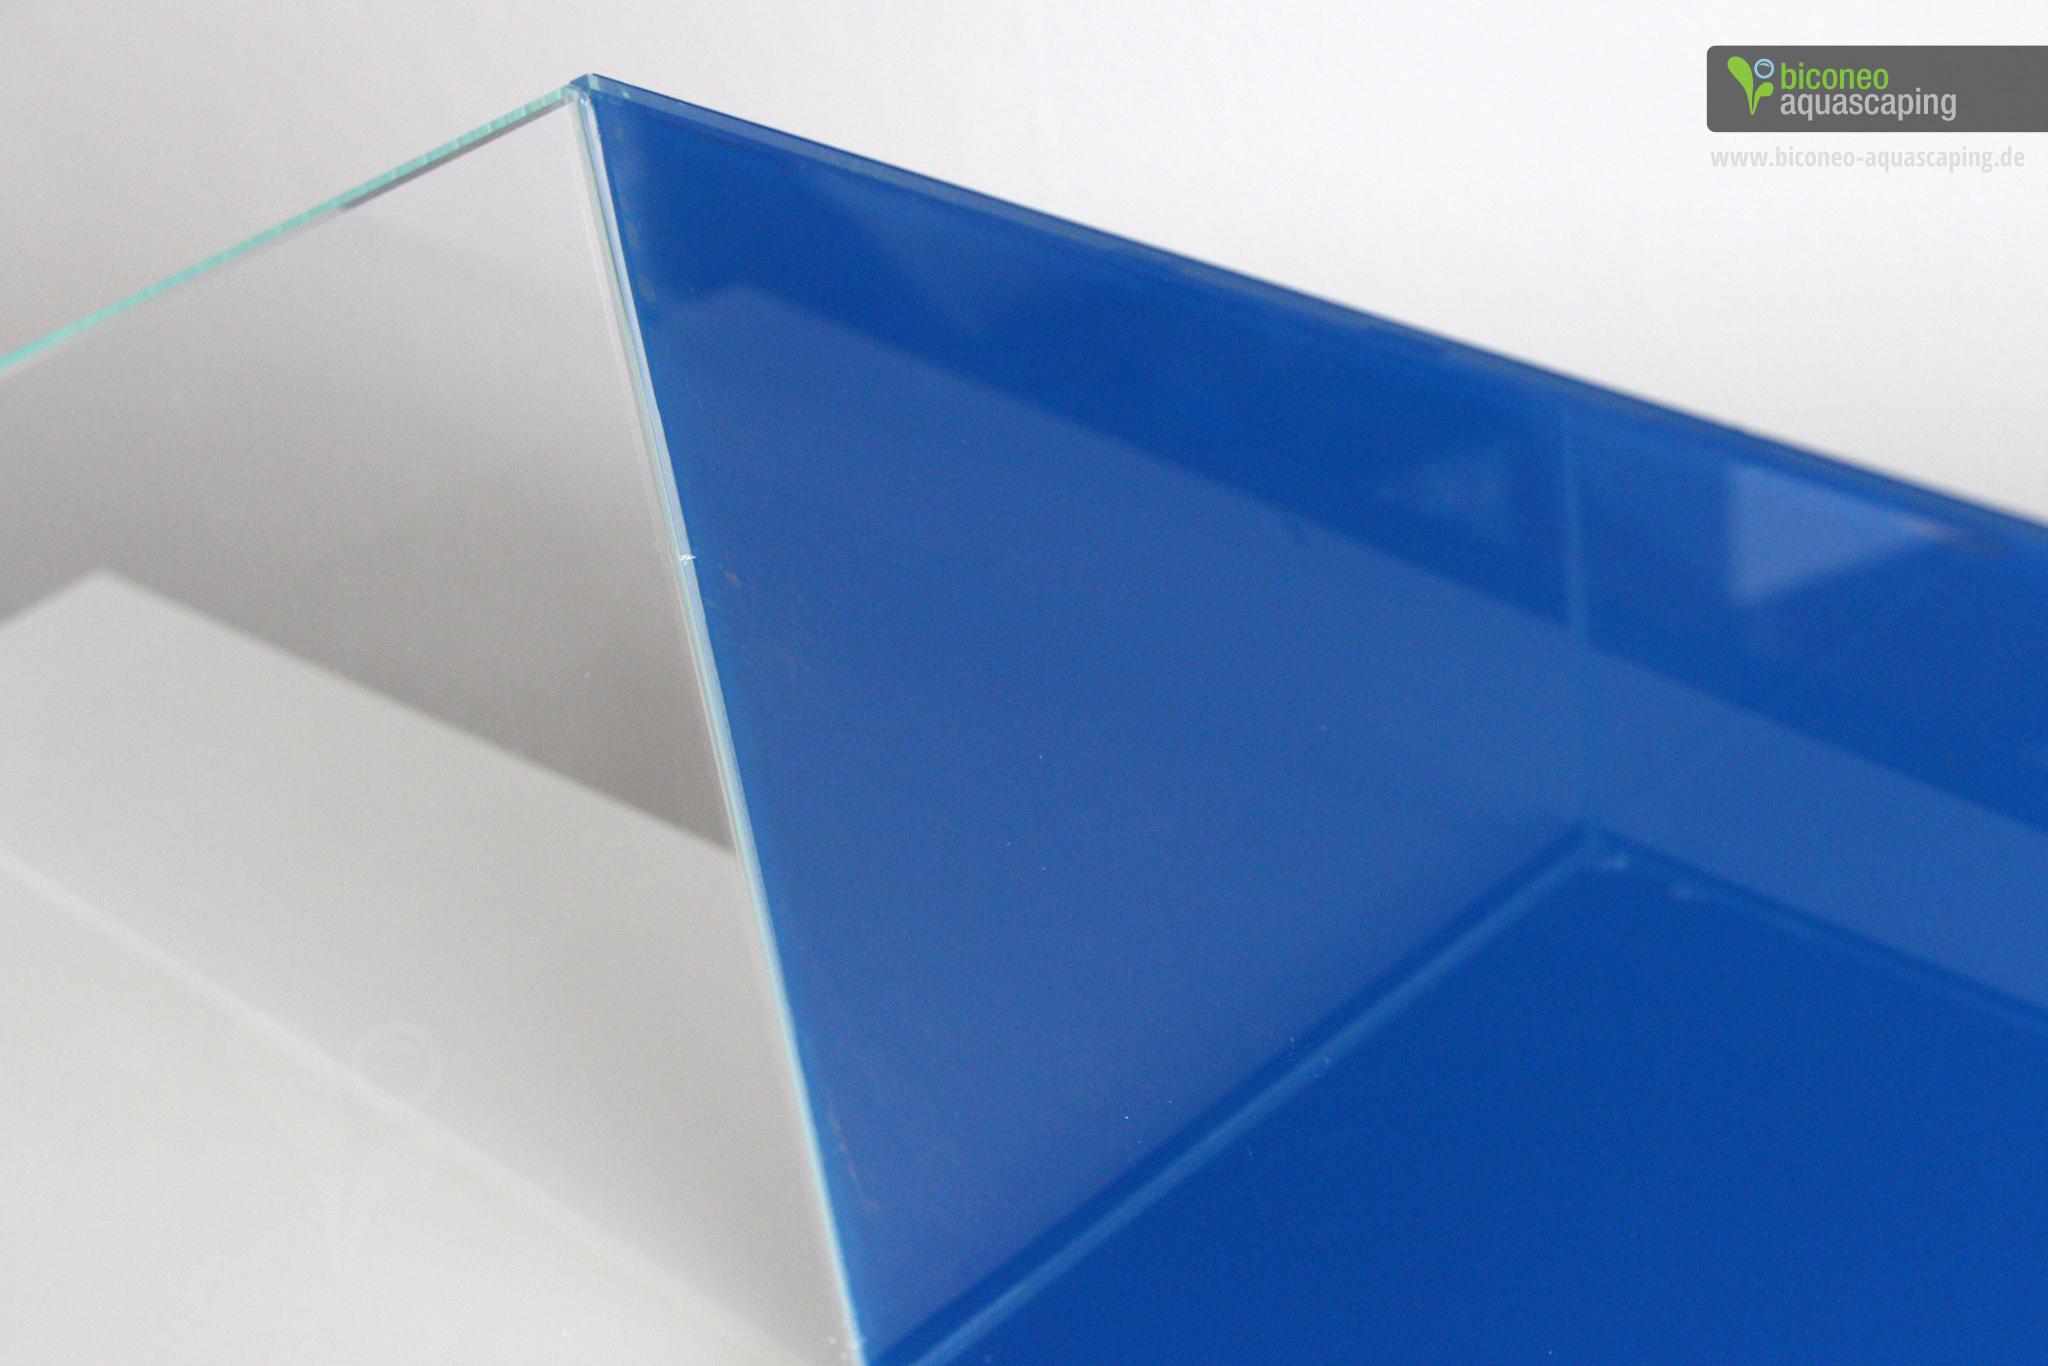 ada aqua screen blue aquarium r ckwandfolie normal 60 p 61 x 37 cm. Black Bedroom Furniture Sets. Home Design Ideas